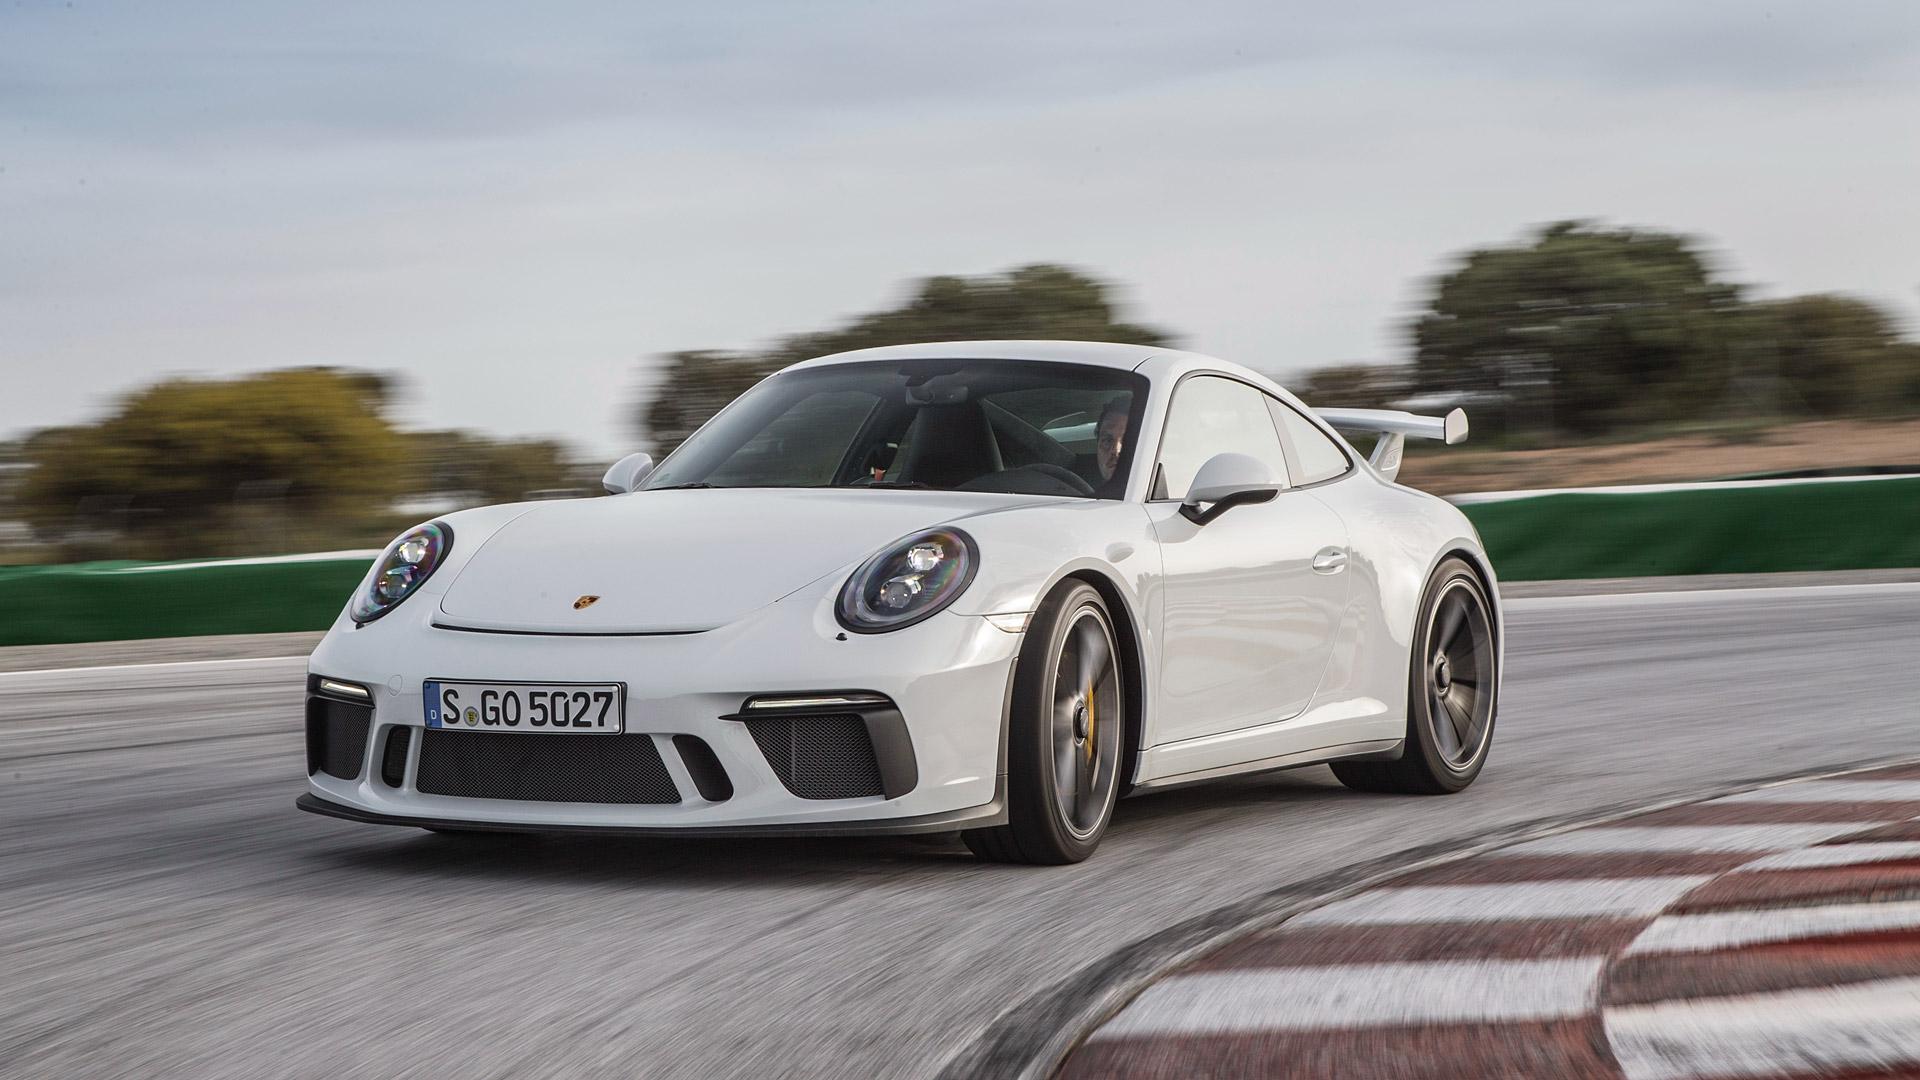 Wallpaper Car Porsche 911 Gt3 Rs 1920x1080 Synallaxis 1267167 Hd Wallpapers Wallhere